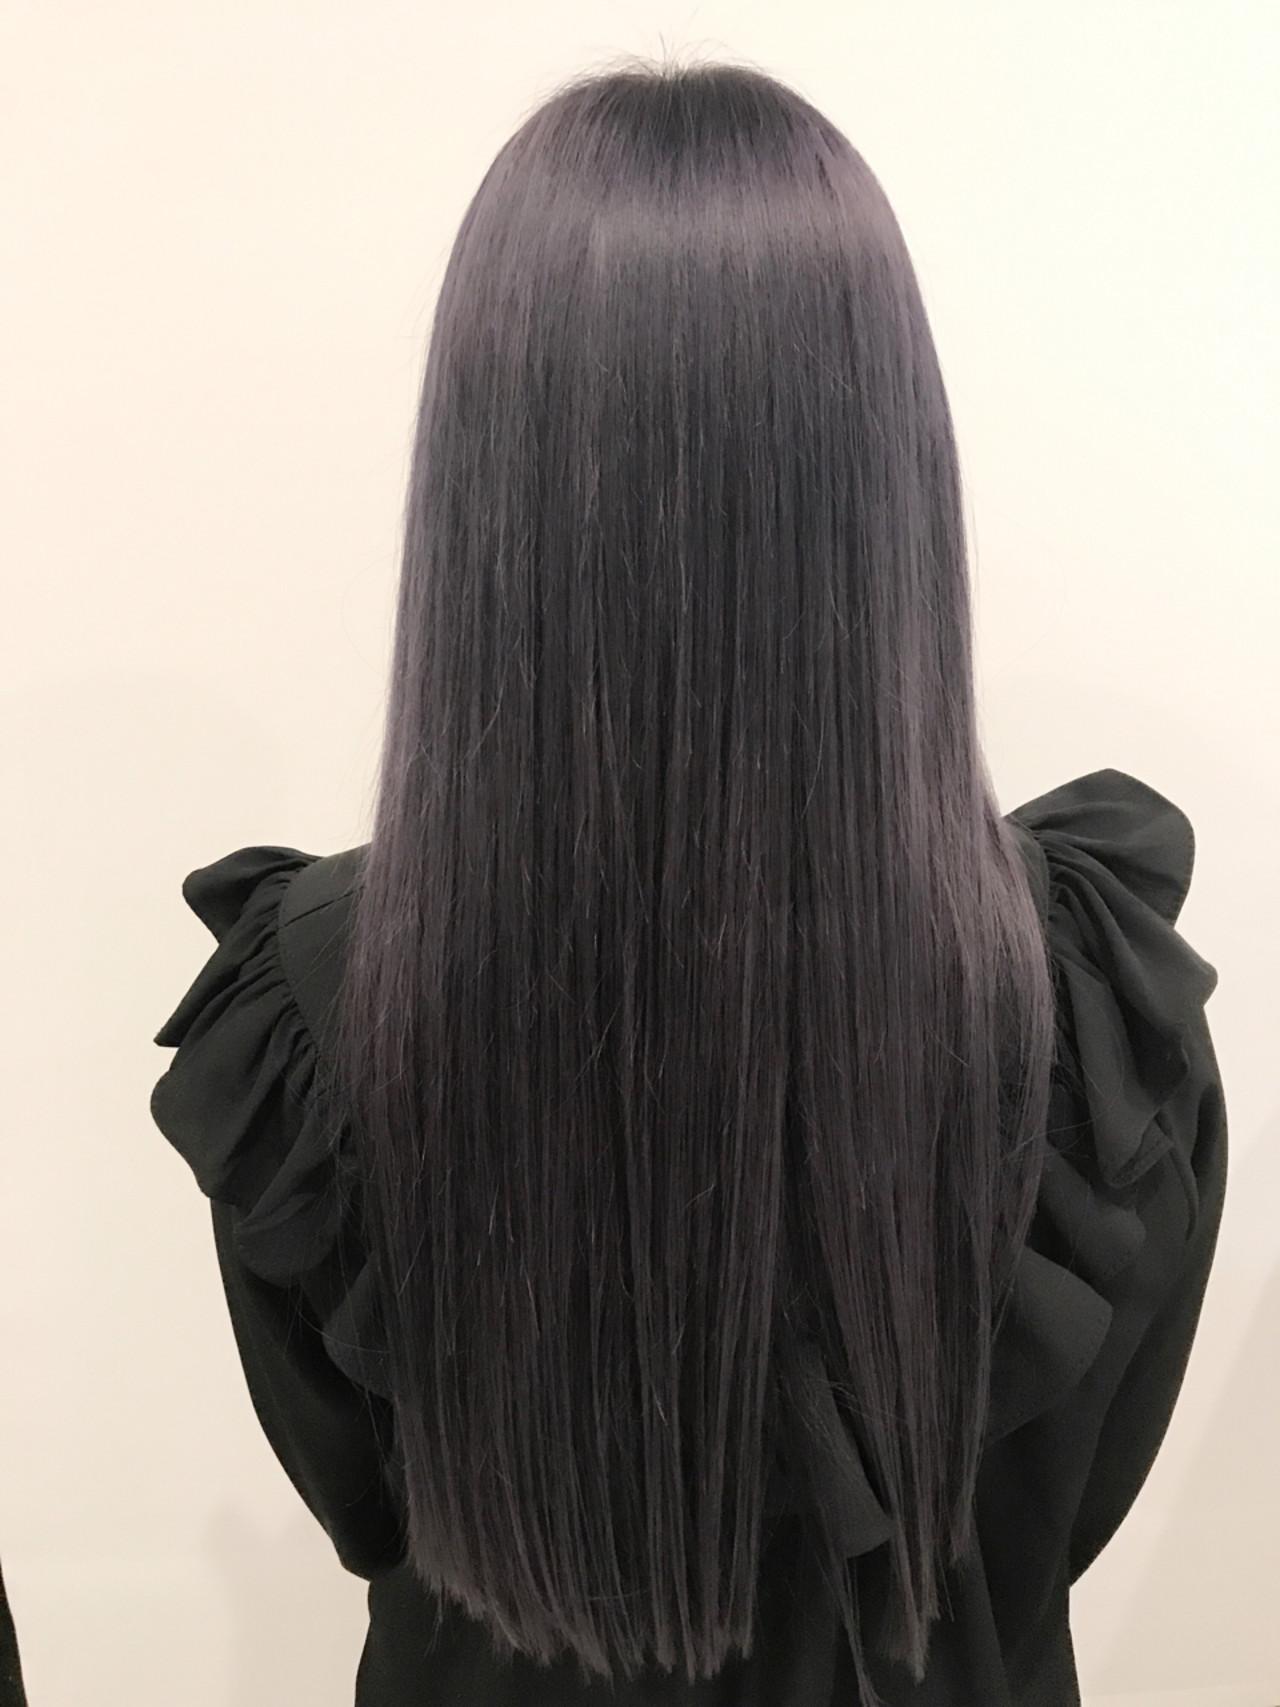 ブルー グレージュ パープル ガーリーヘアスタイルや髪型の写真・画像